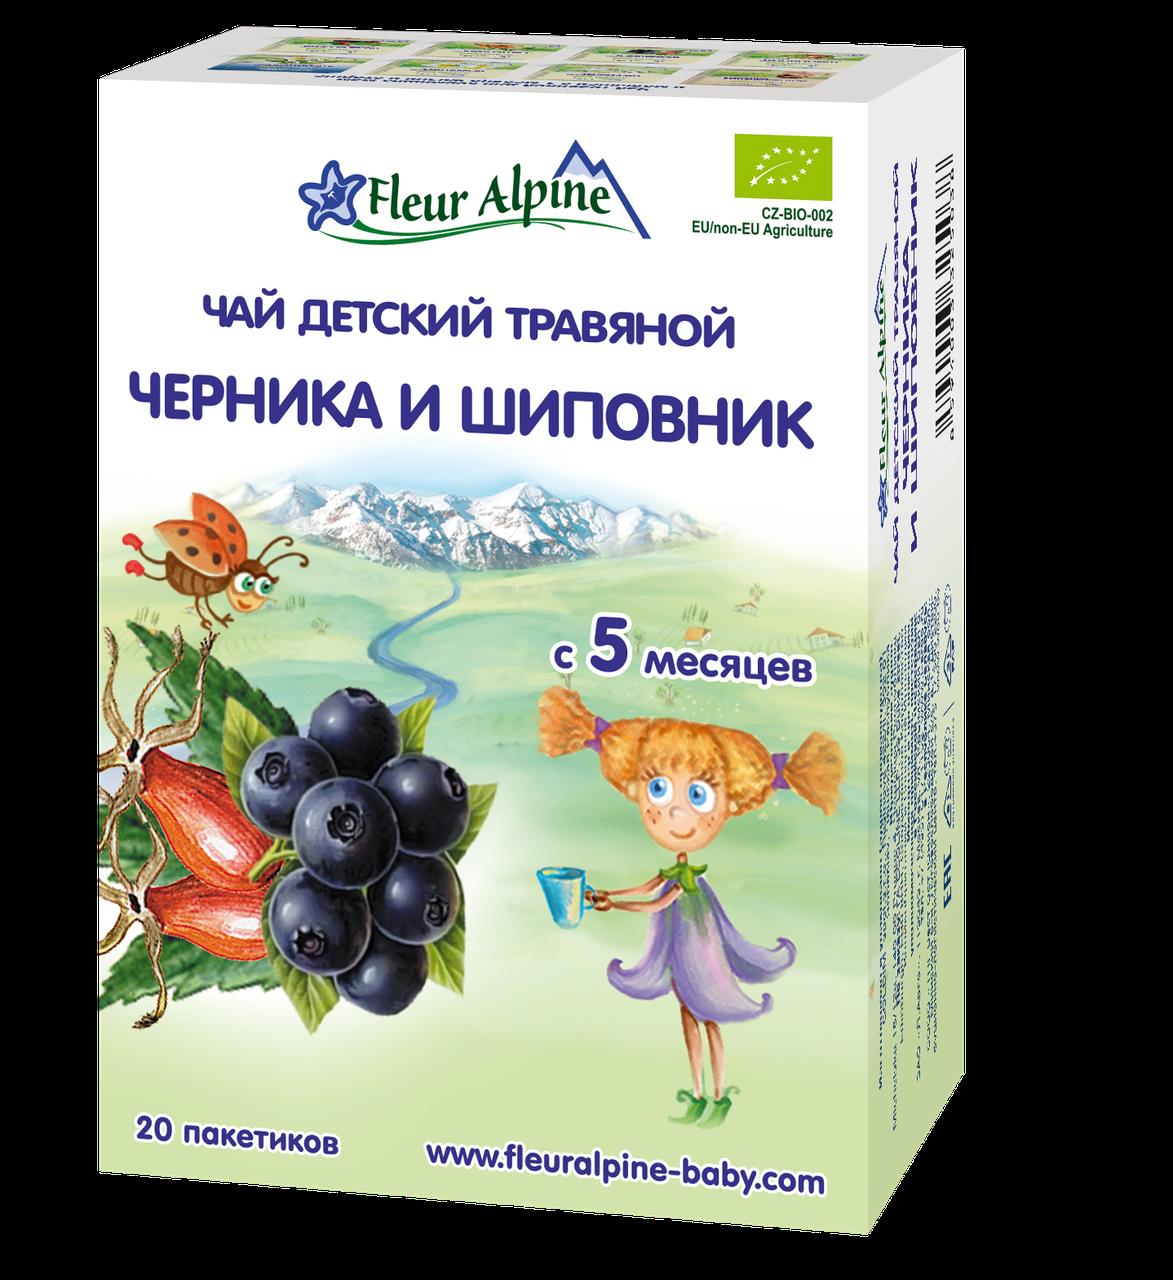 Детский травяной чай Fleur Alpine ЧЕРНИКА И ШИПОВНИК